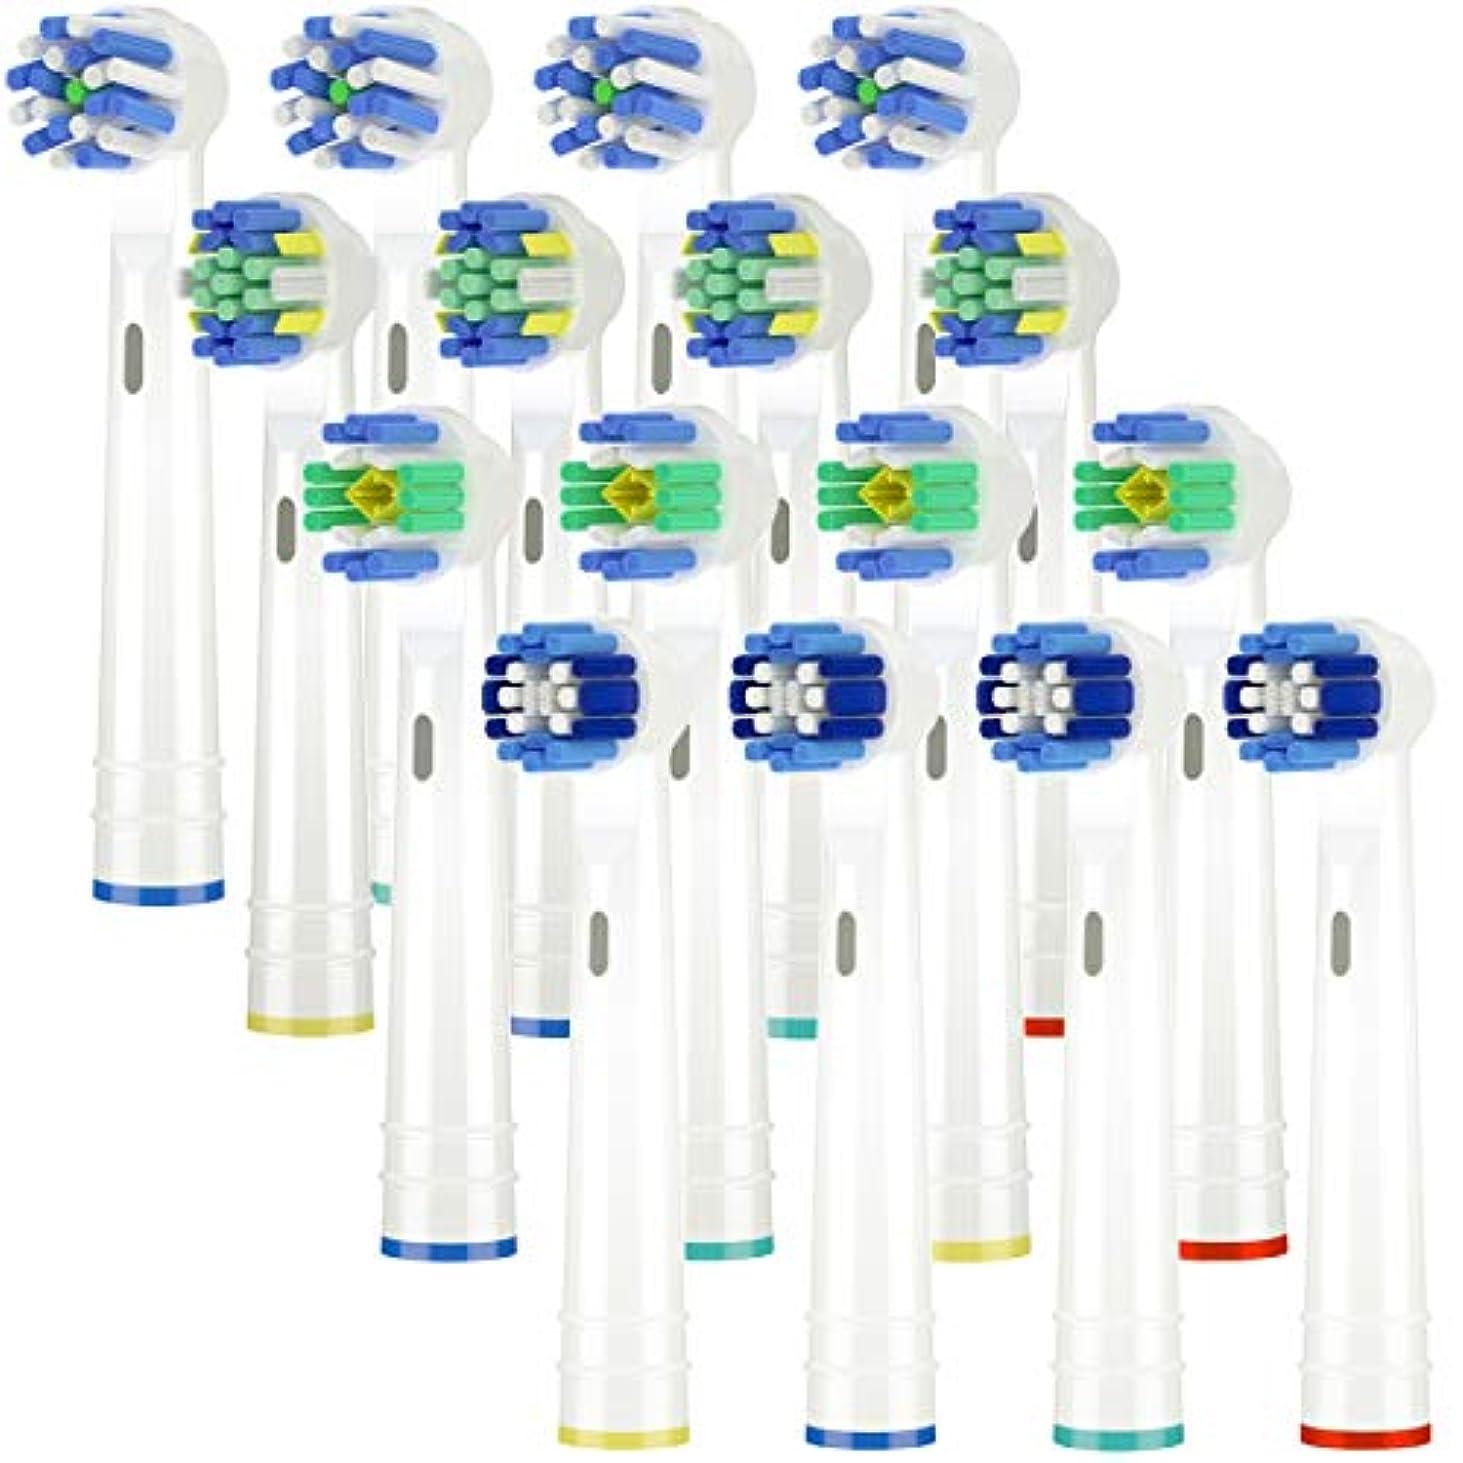 クラフト下に向けますイデオロギーItechnik 電動歯ブラシ 替えブラシ ブラウン オーラルB 対応 替えブラシ 4種類が入り:ホワイトニングブラシ 、ベーシックブラシ、歯間ワイパー付きブラシ、マルチアクションブラシ 凡用な16本